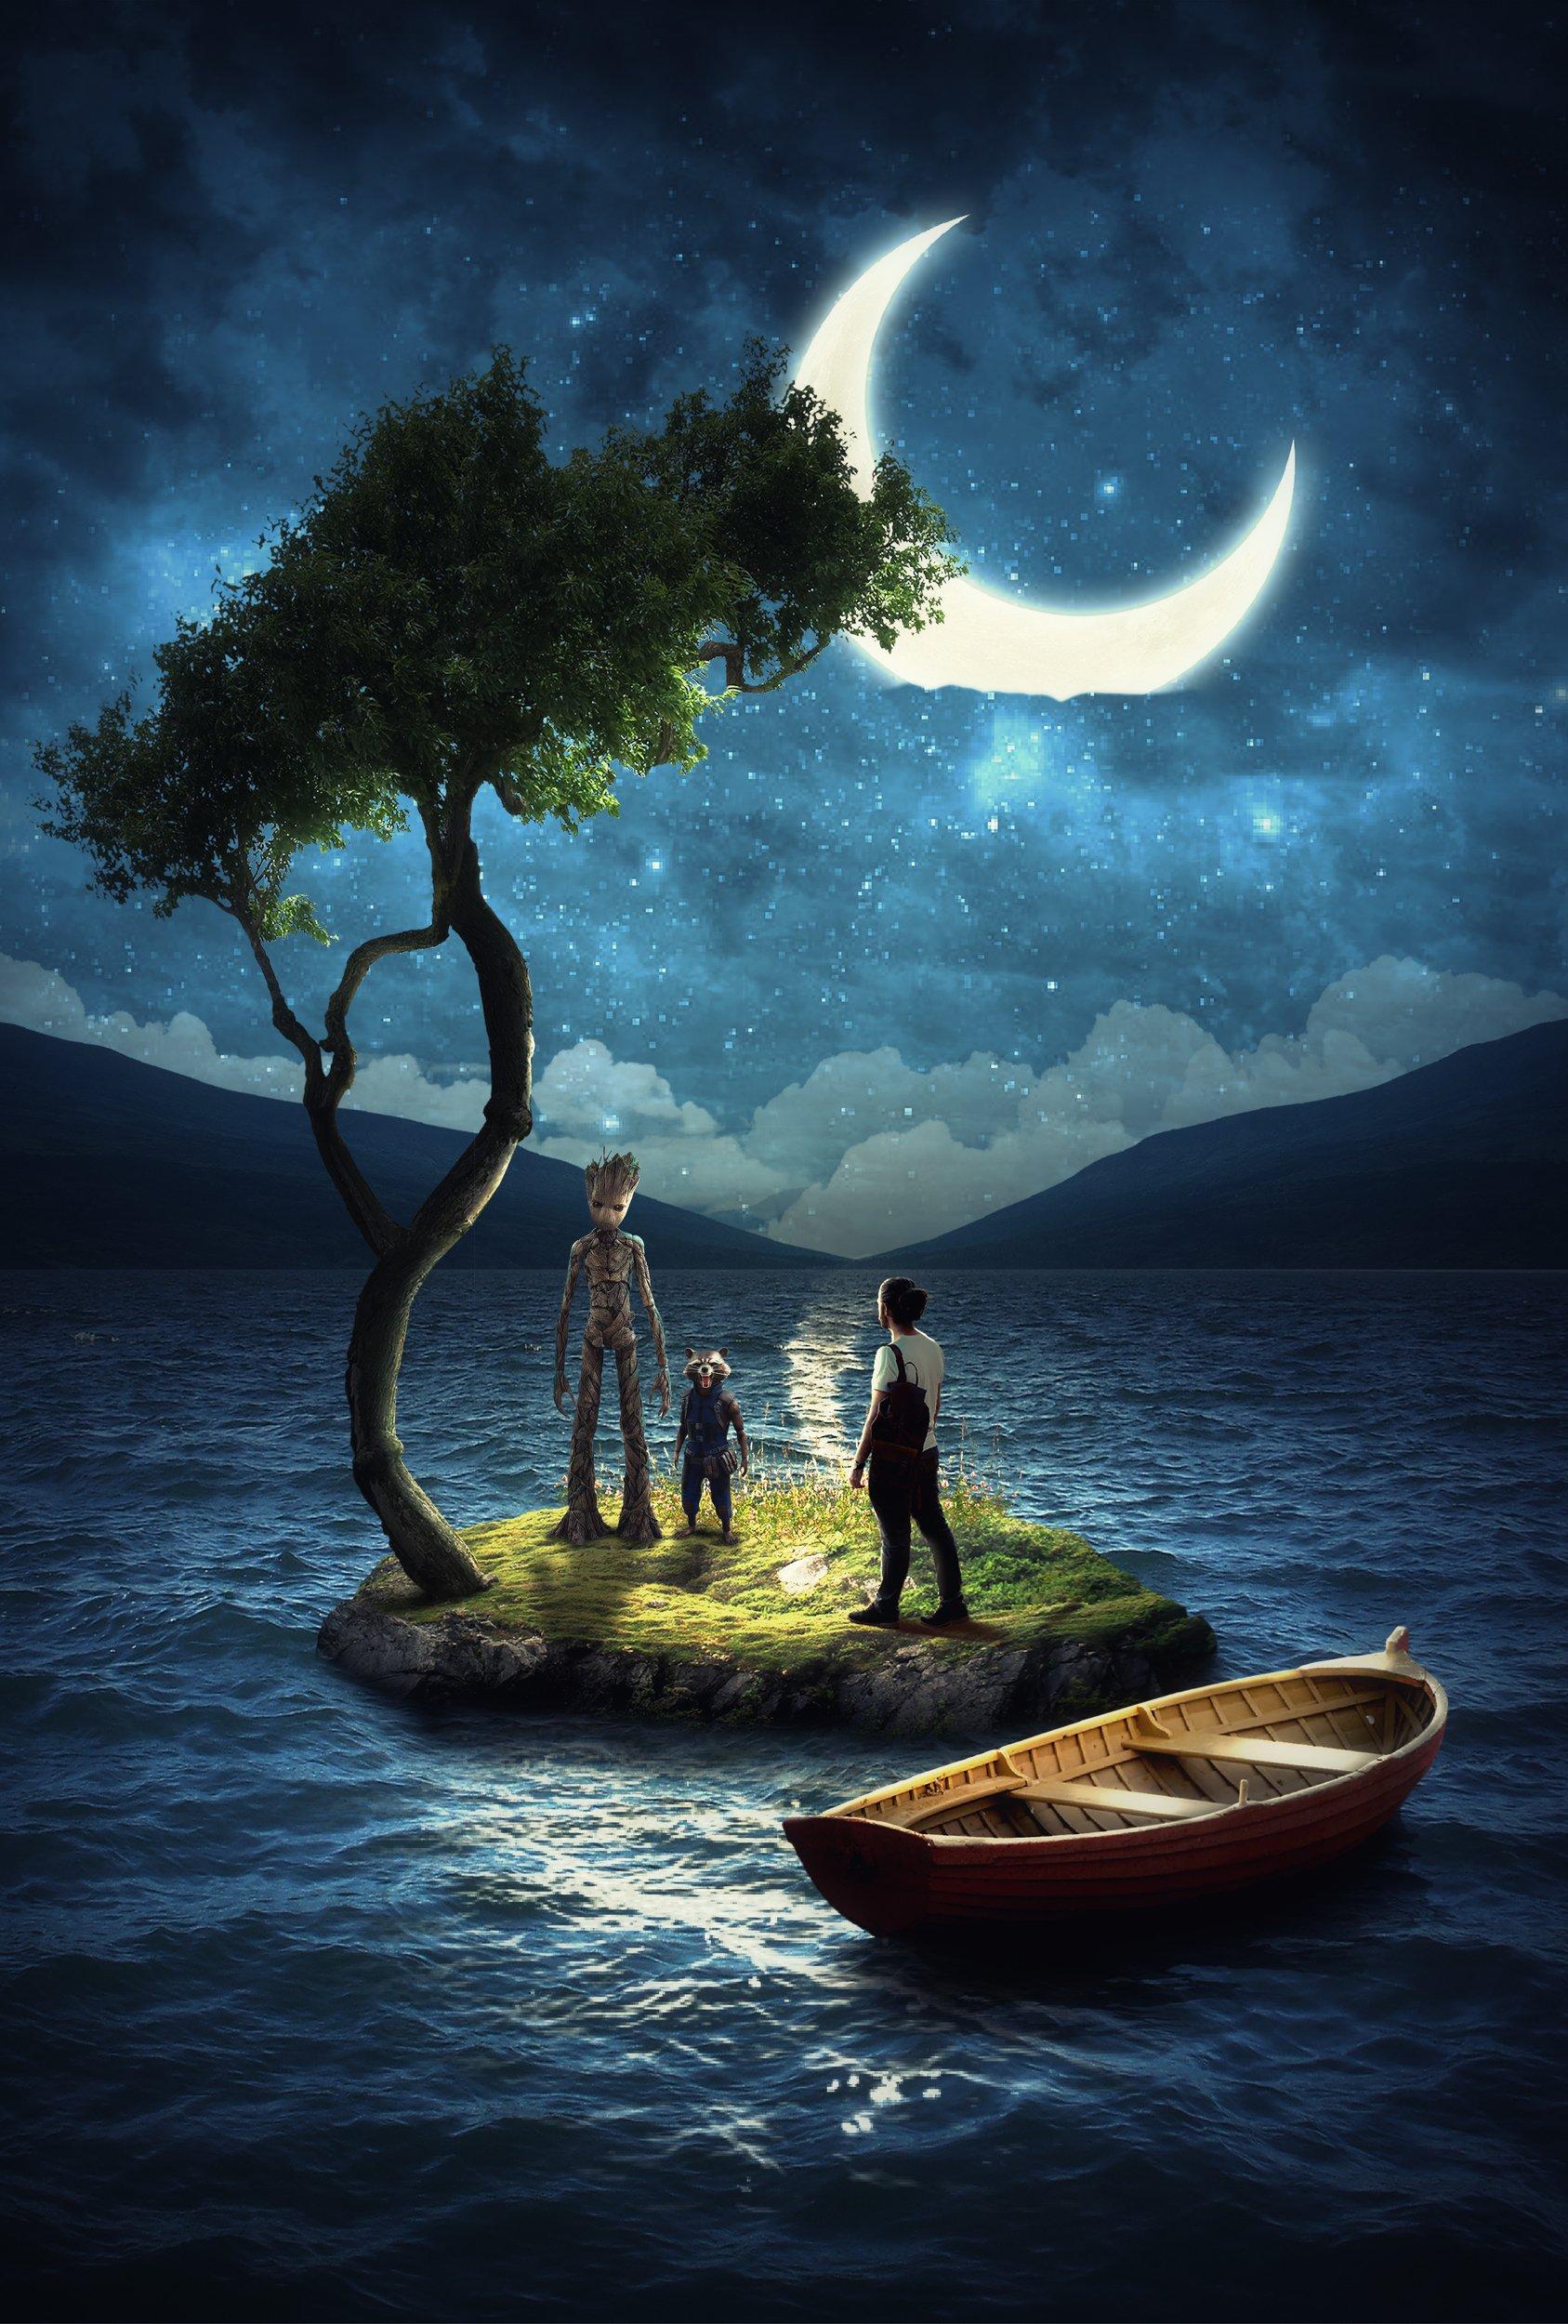 остров, лодка, грут, Sergii Vidov